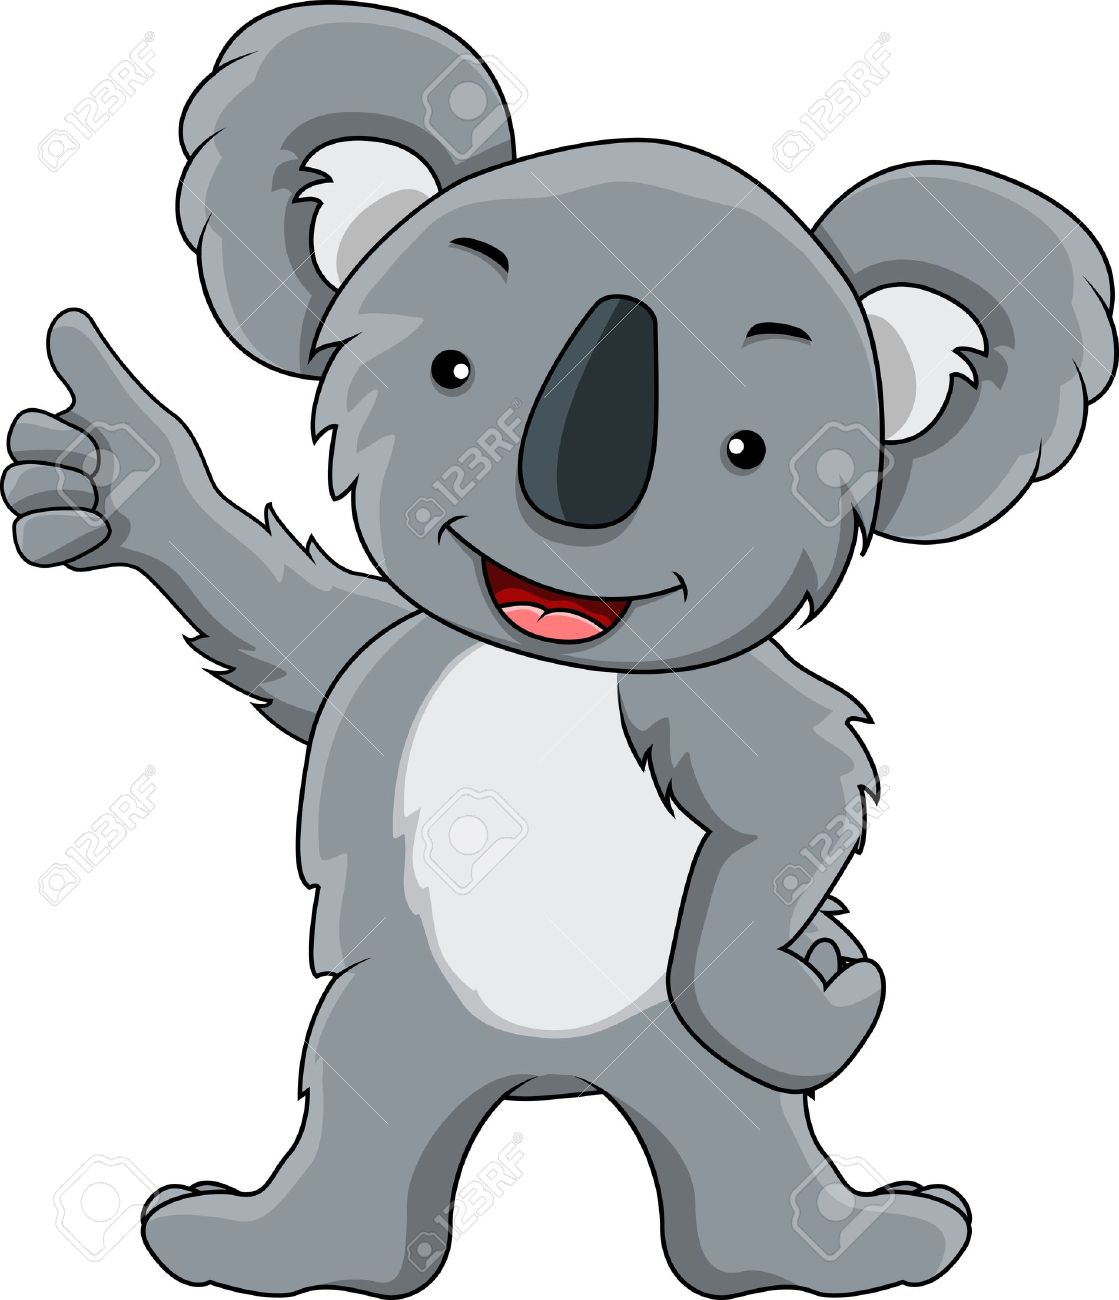 presentation of koala cartoon royalty free cliparts vectors and